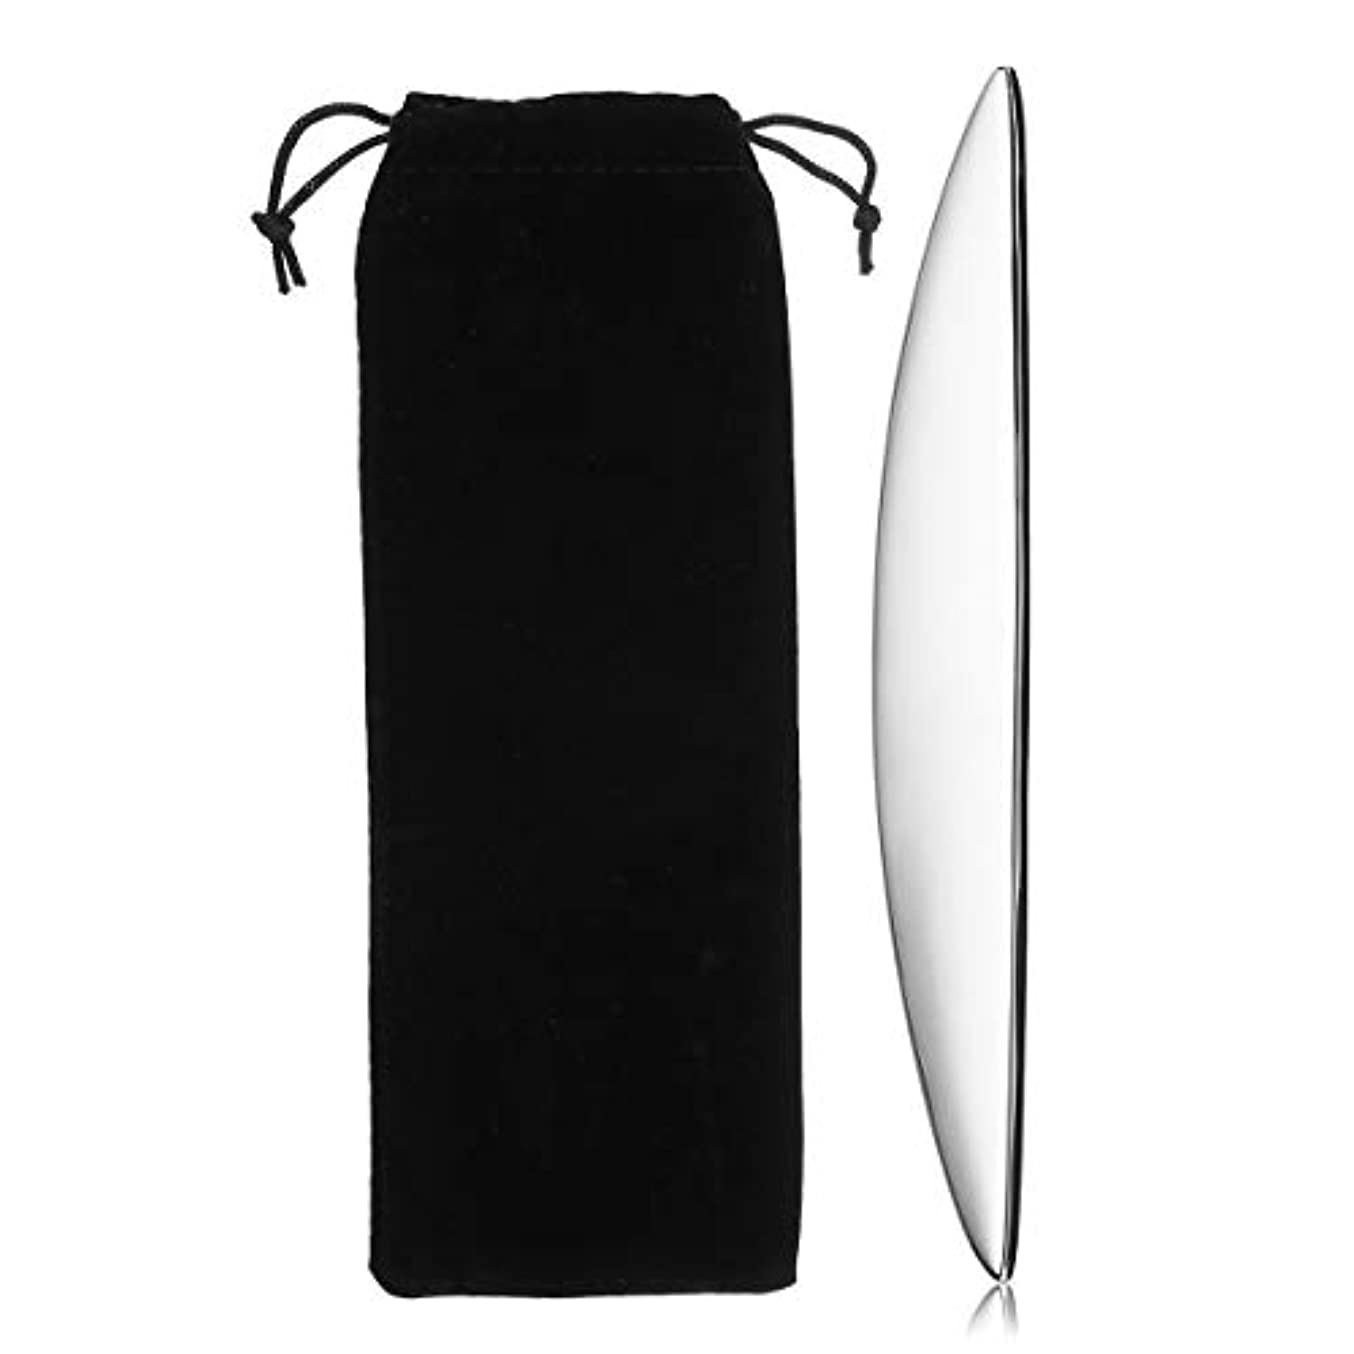 程度論争の的鑑定KISENG 304ステンレス鋼 グアシャマッサージ グアシャこすり スパ 手動マッサージボード ボディ健康ツール